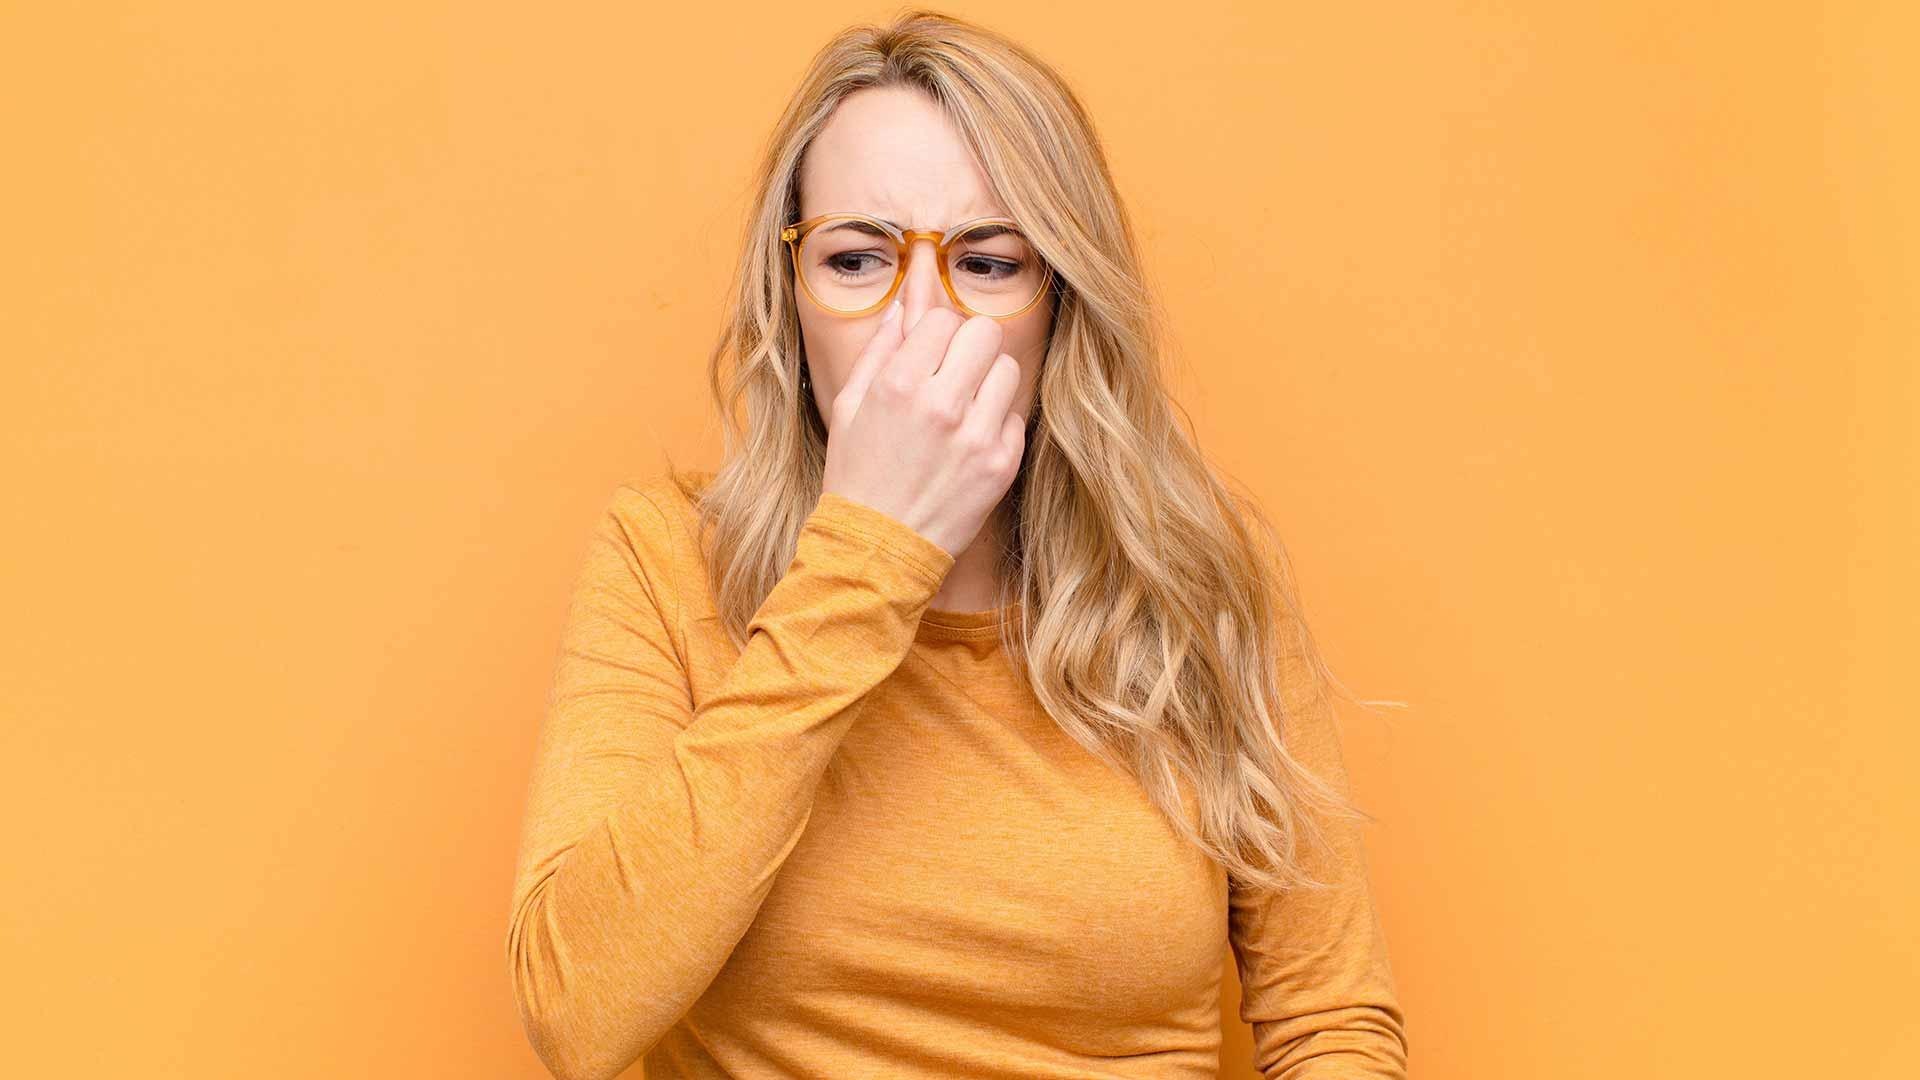 Mau hálito: quais as principais causas